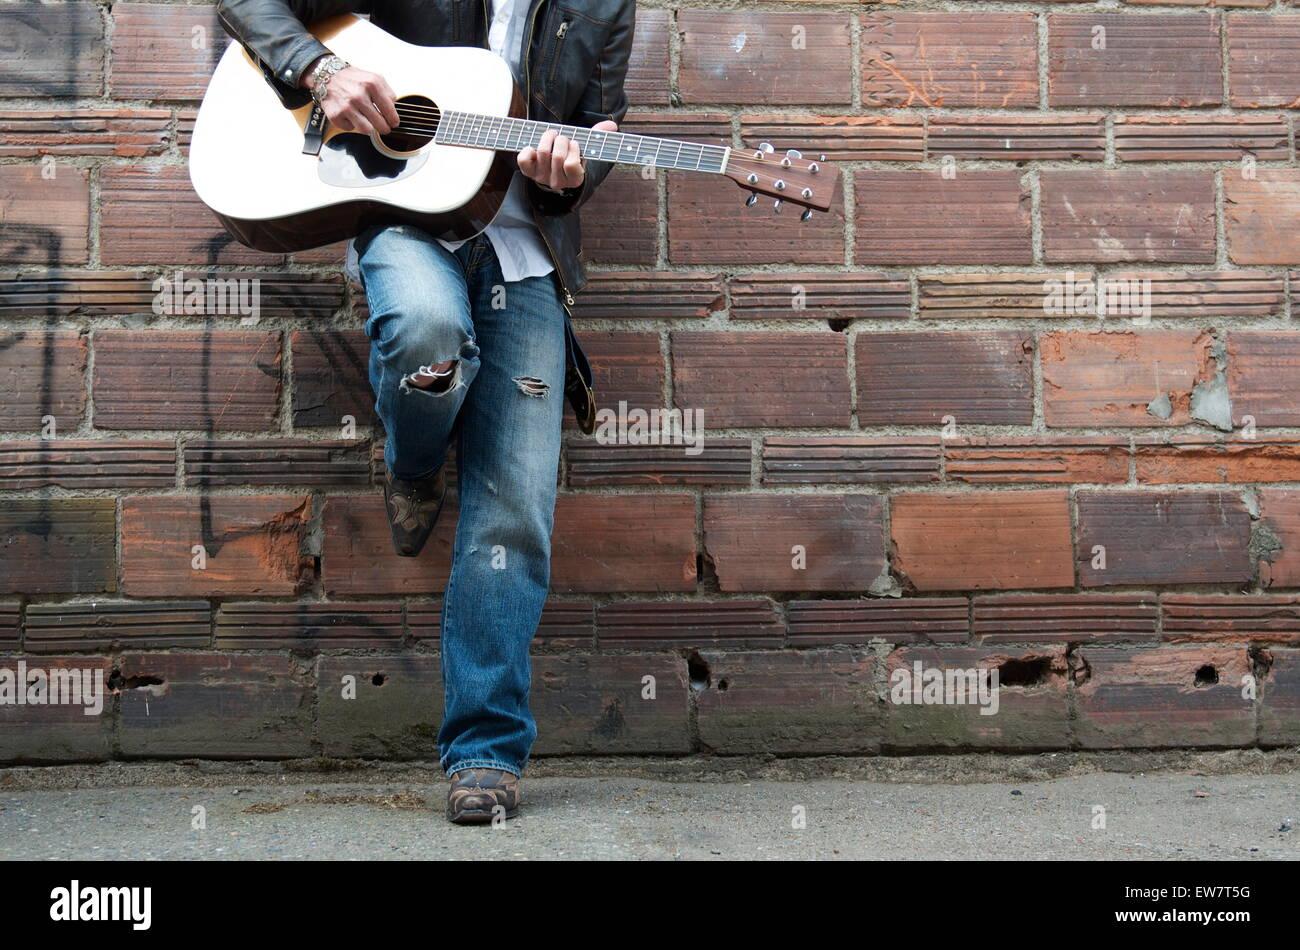 L'homme en veste en cuir et bottes de cow-boy à jouer de la guitare dans une ruelle Photo Stock